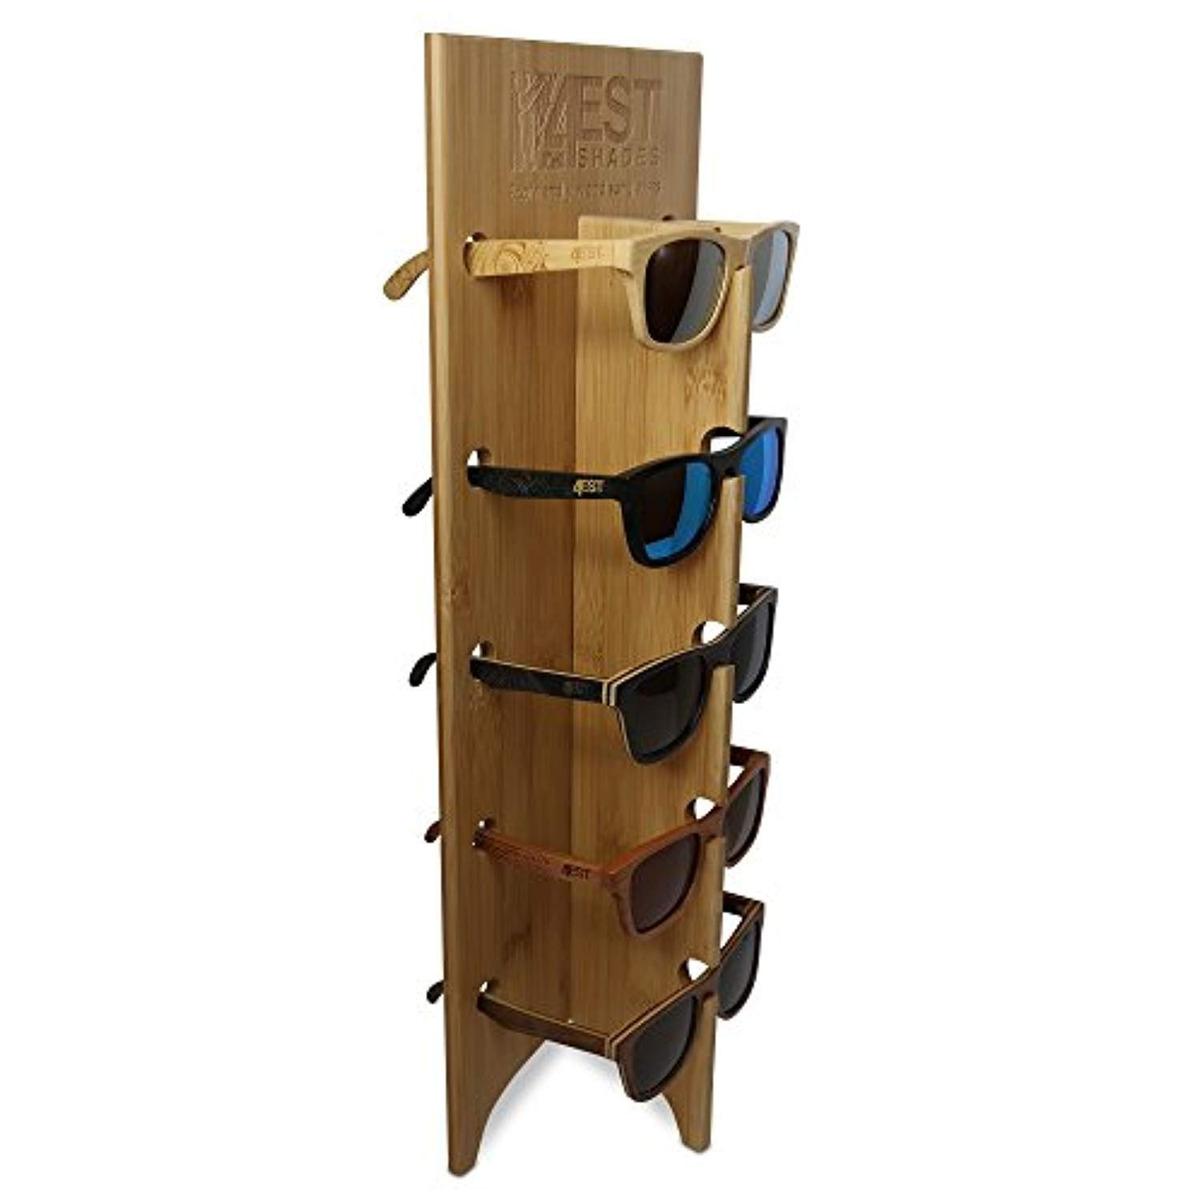 f8730df7a6 Soporte Para Gafas De Sol Madera - $ 193.533 en Mercado Libre